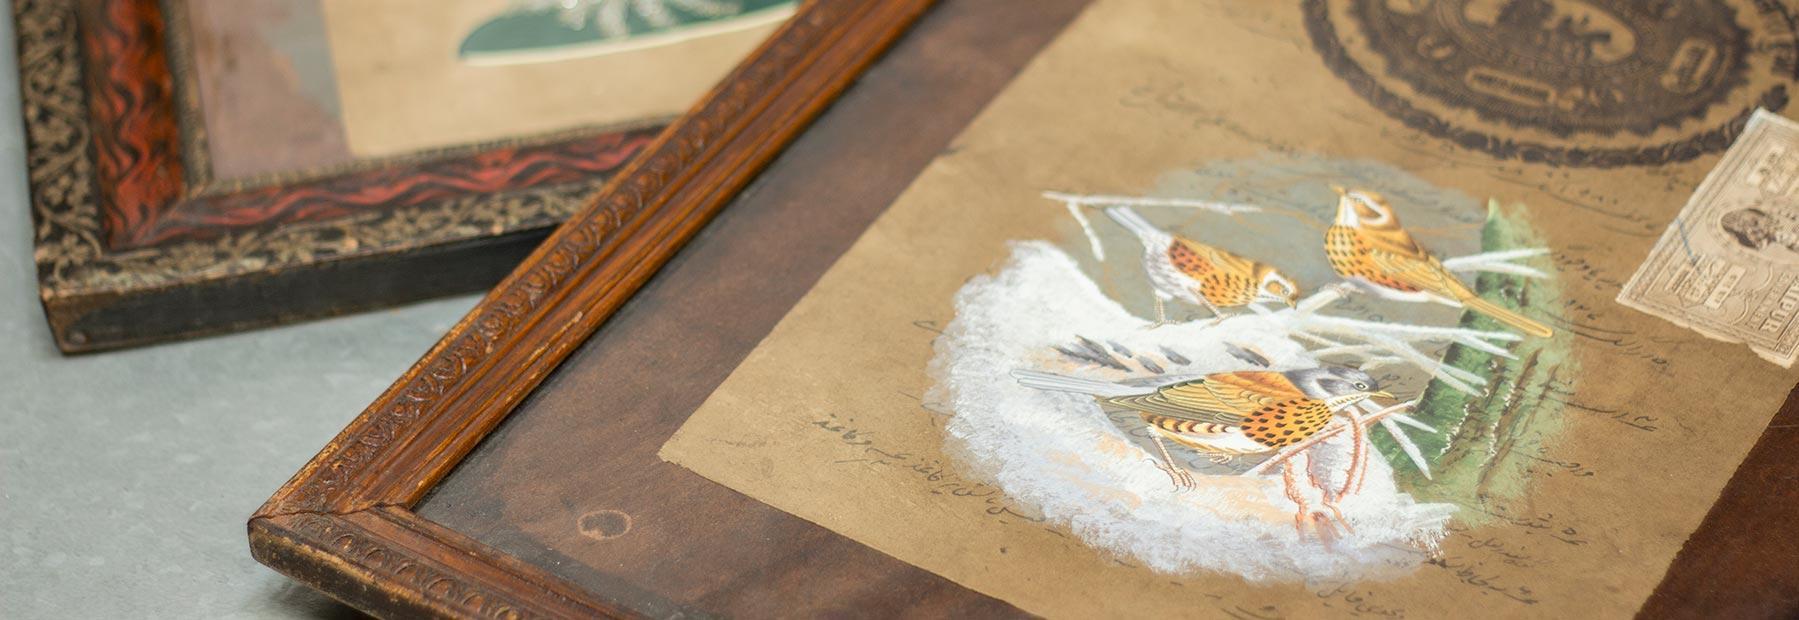 Illustrations et cadres vintage.